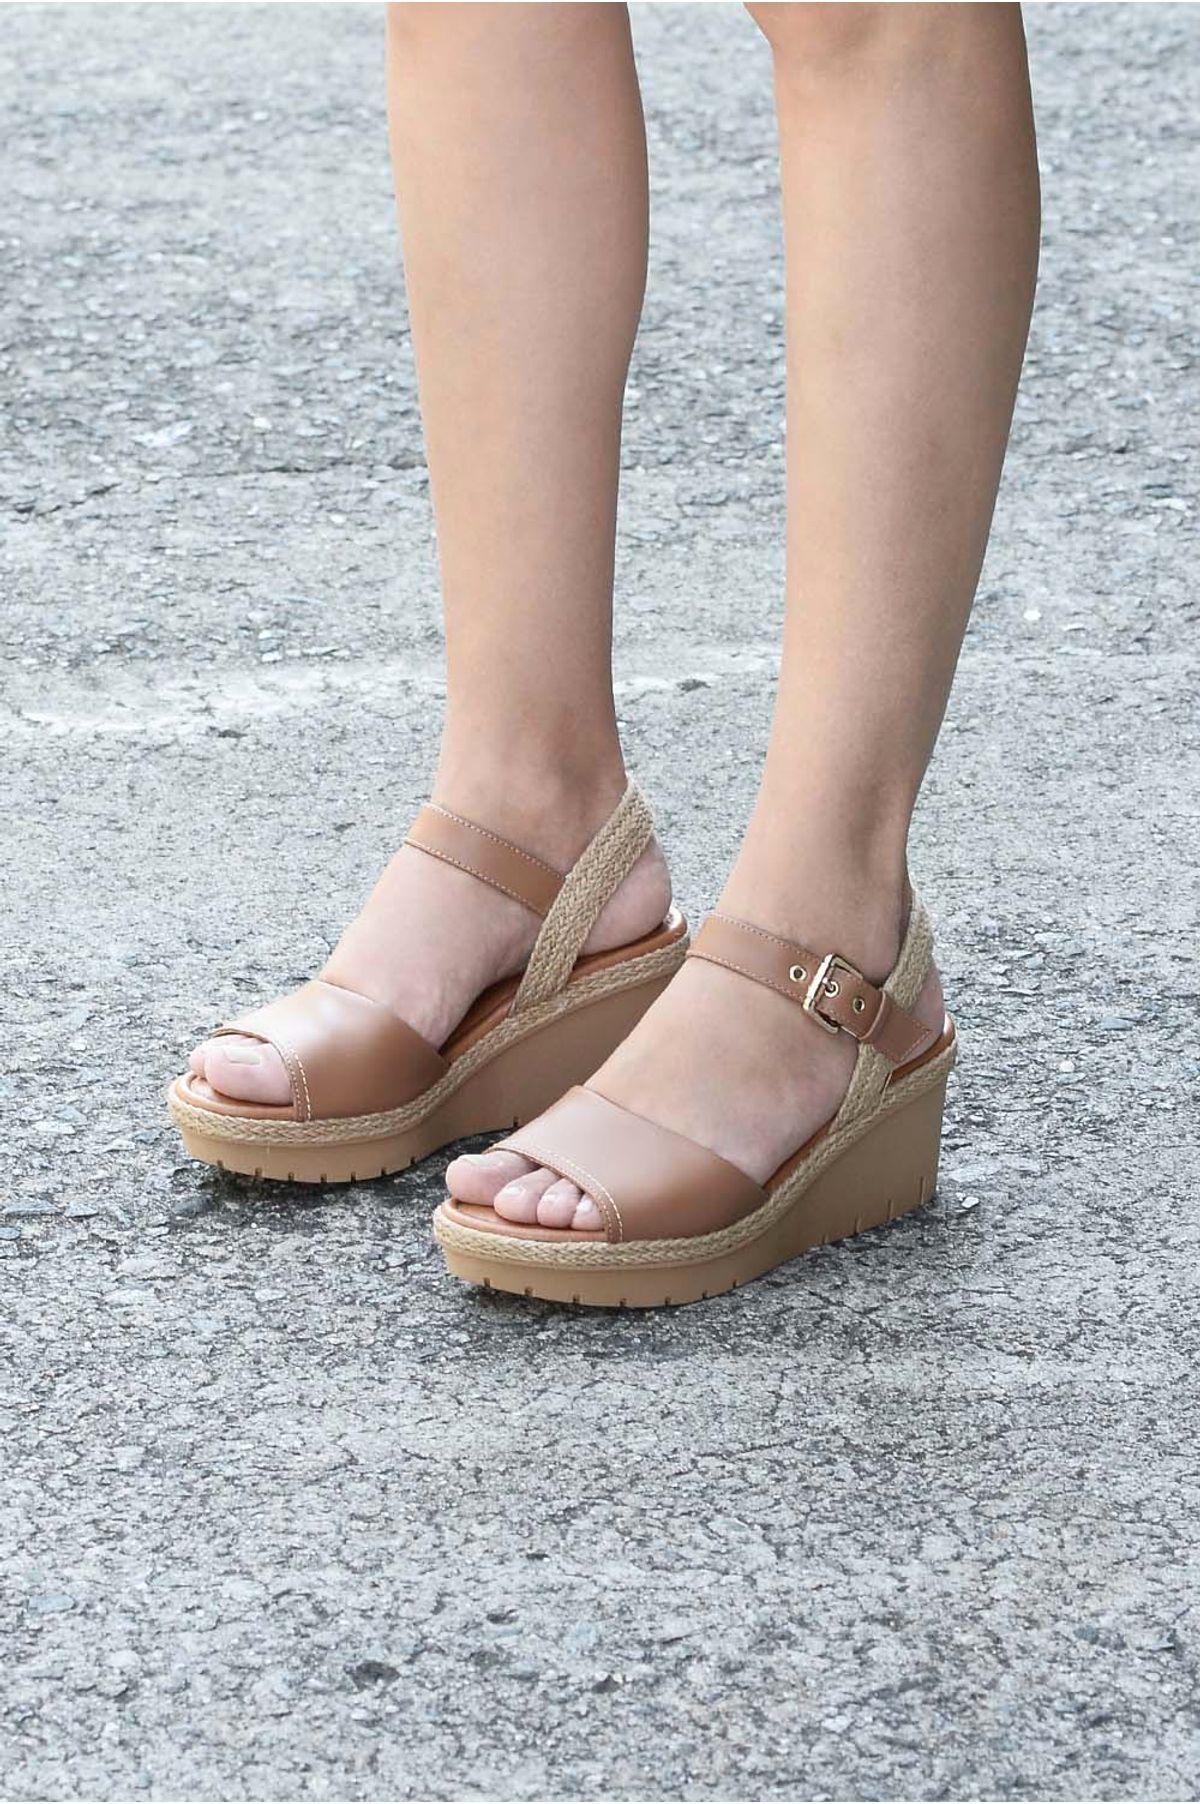 7d114f070 Sandália Feminina Anabela Moncy Usaflex CR-CAMEL - Mundial Calçados